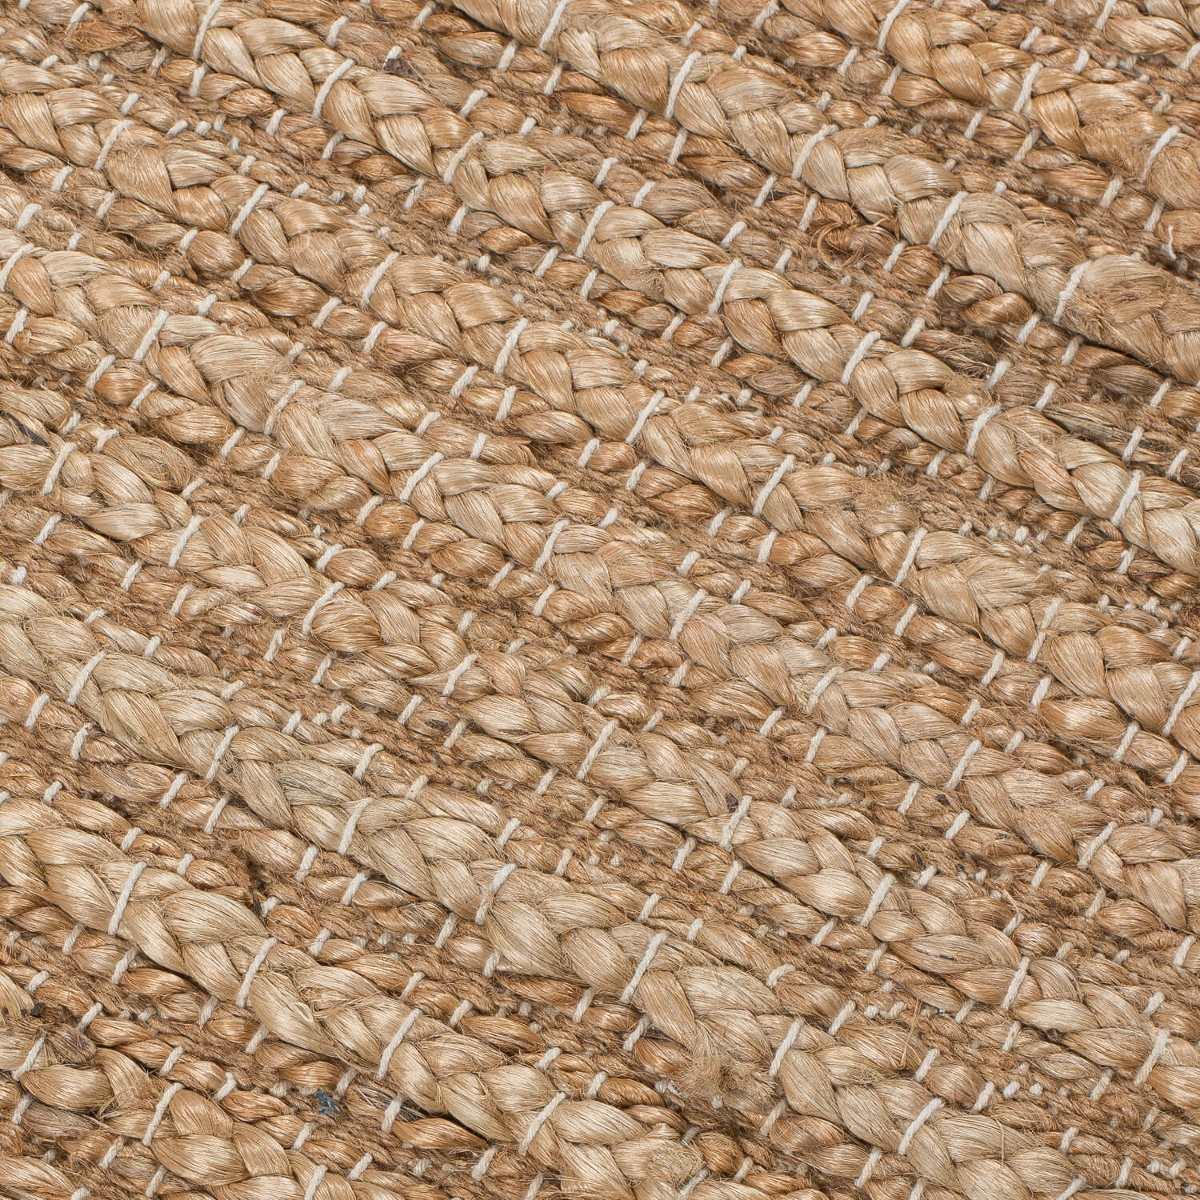 Alfombra Jute Woven Natural160x230cm Grande Caf Dib 95 990 En  # Muebles Dib Vina Del Mar